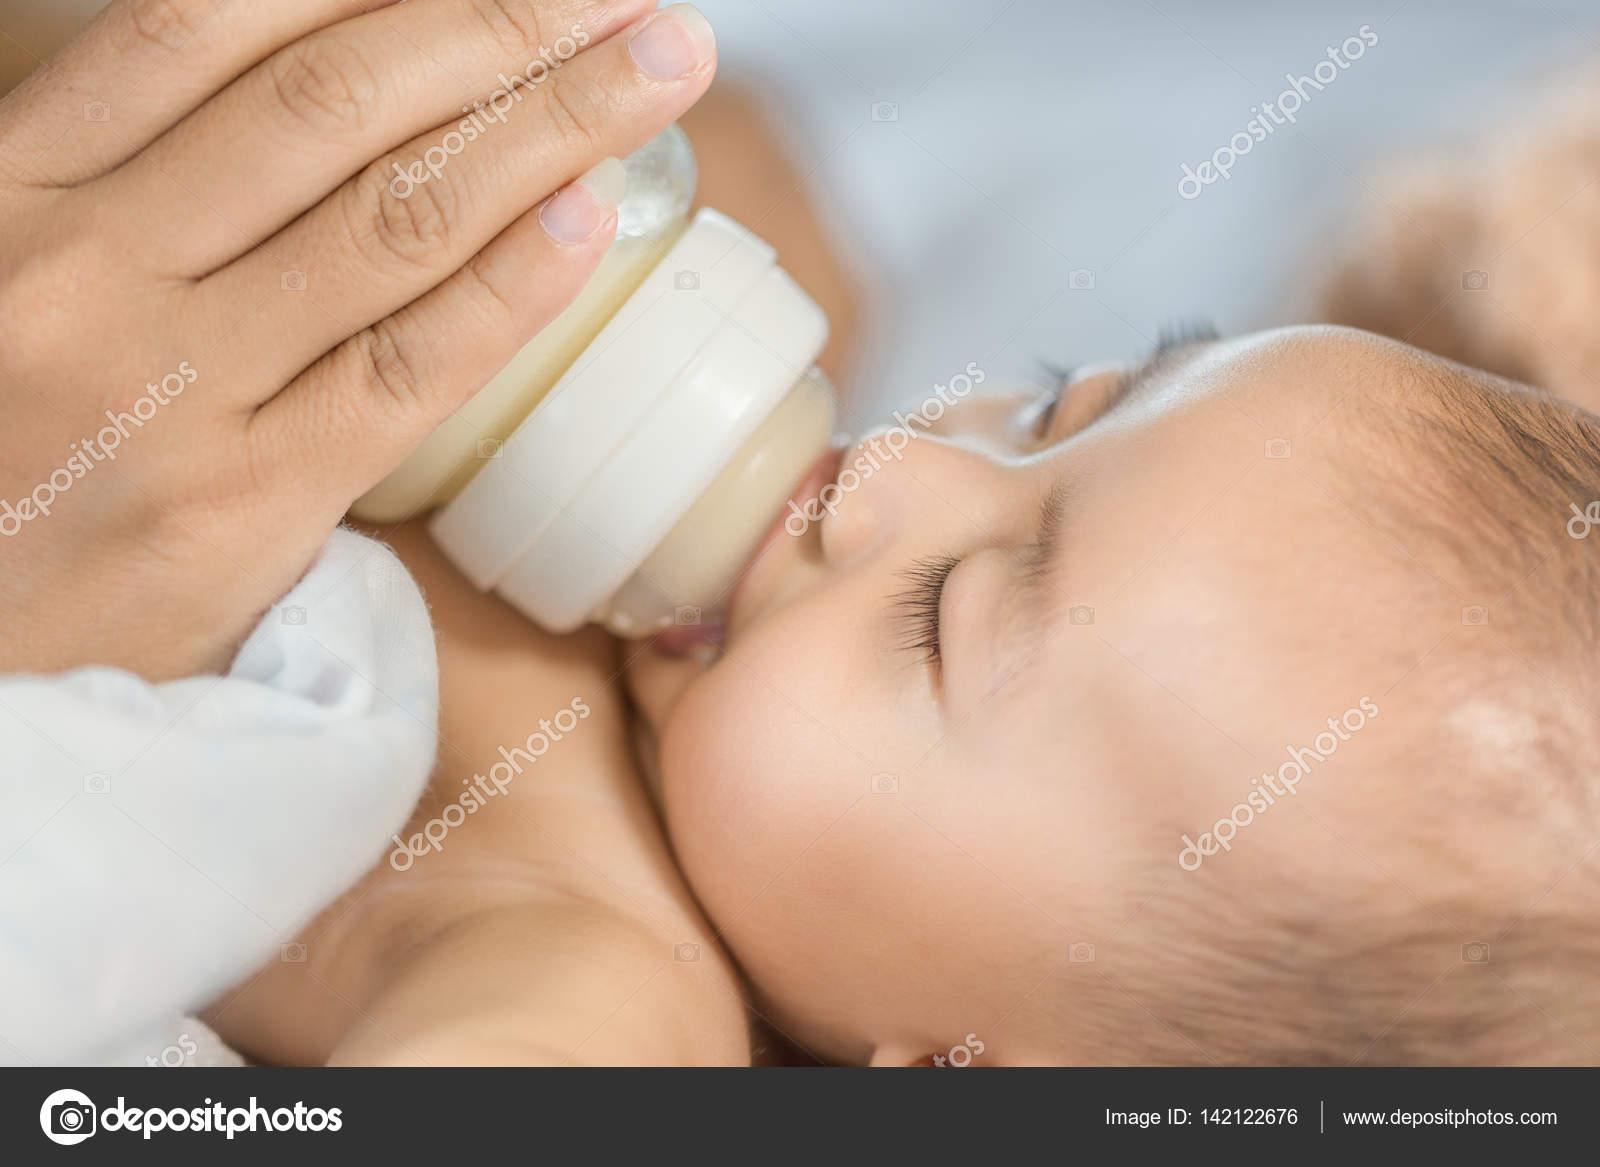 Донорское грудное молоко для ребенка – новинка или хорошо забытые традиции?